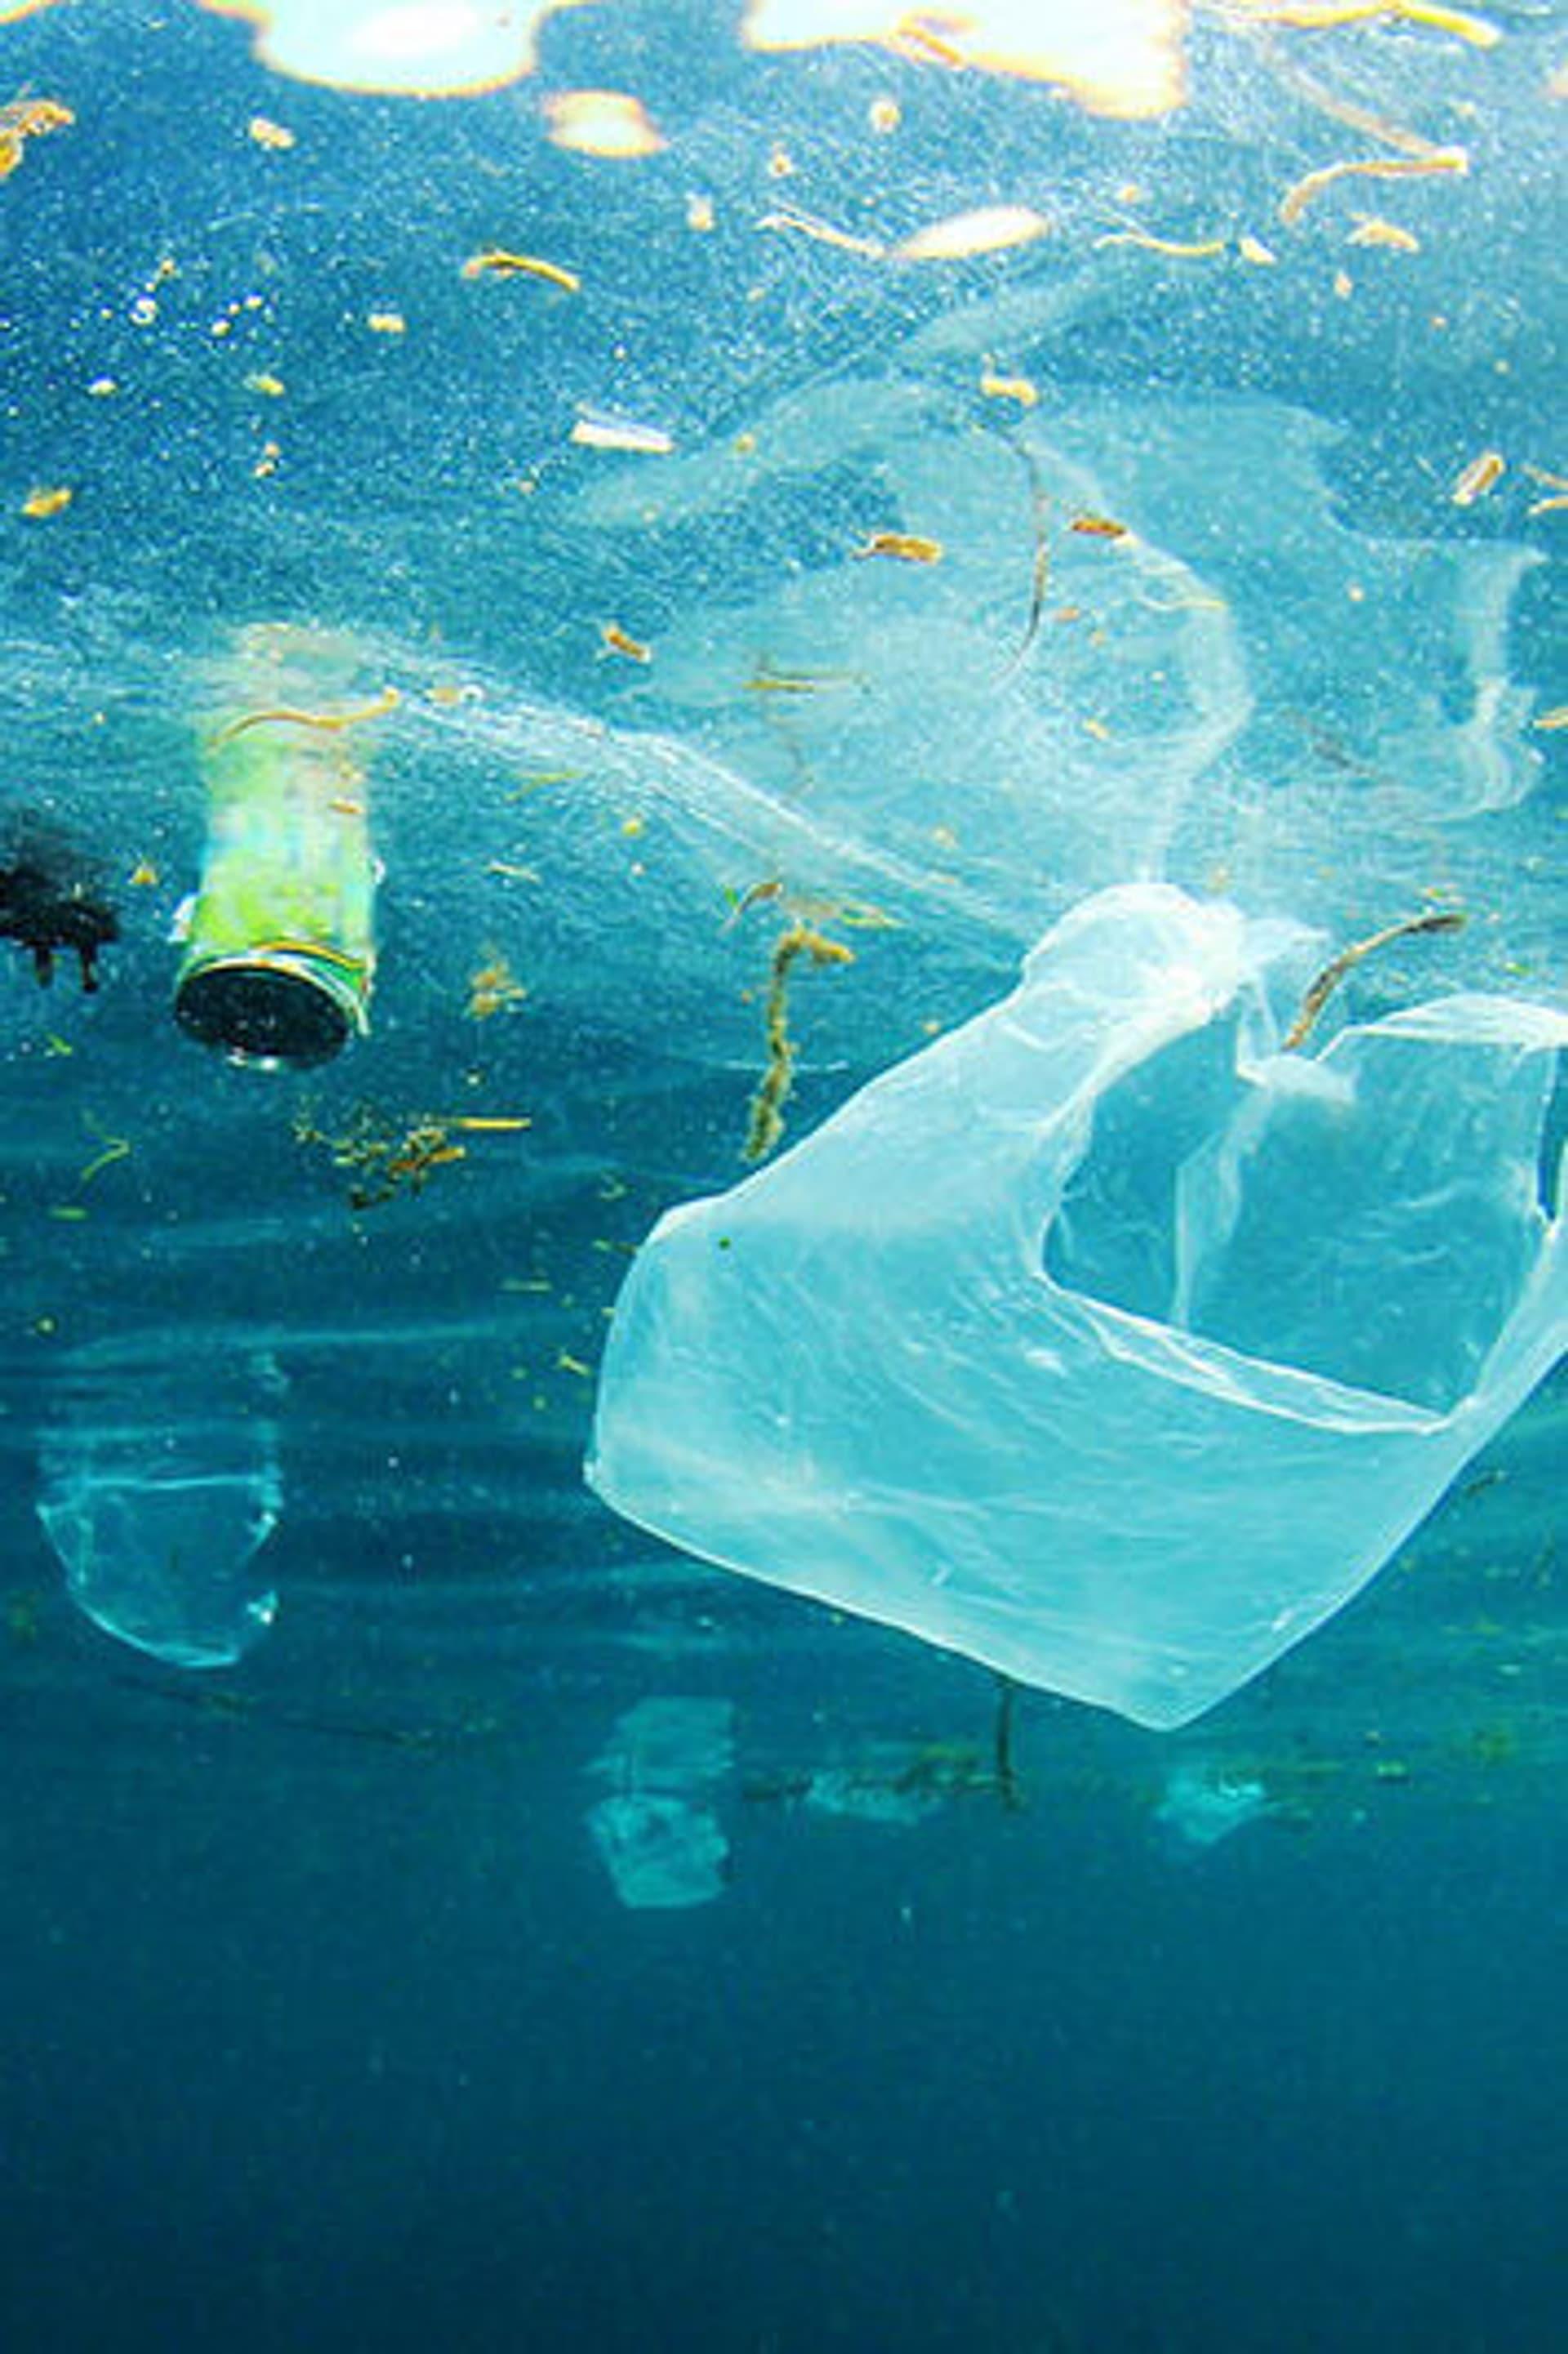 Plastiktüten und Plastikdosen schwimmen im Meer